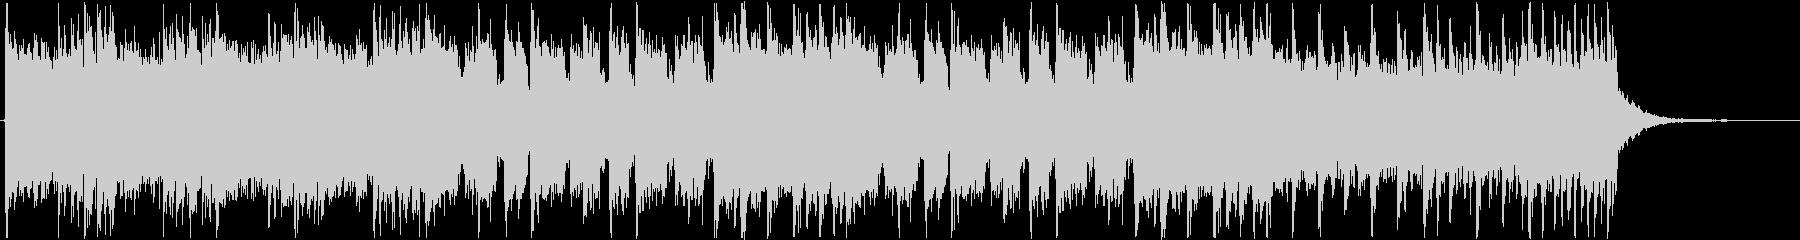 本格的なヘヴィメタル系のジングルの未再生の波形